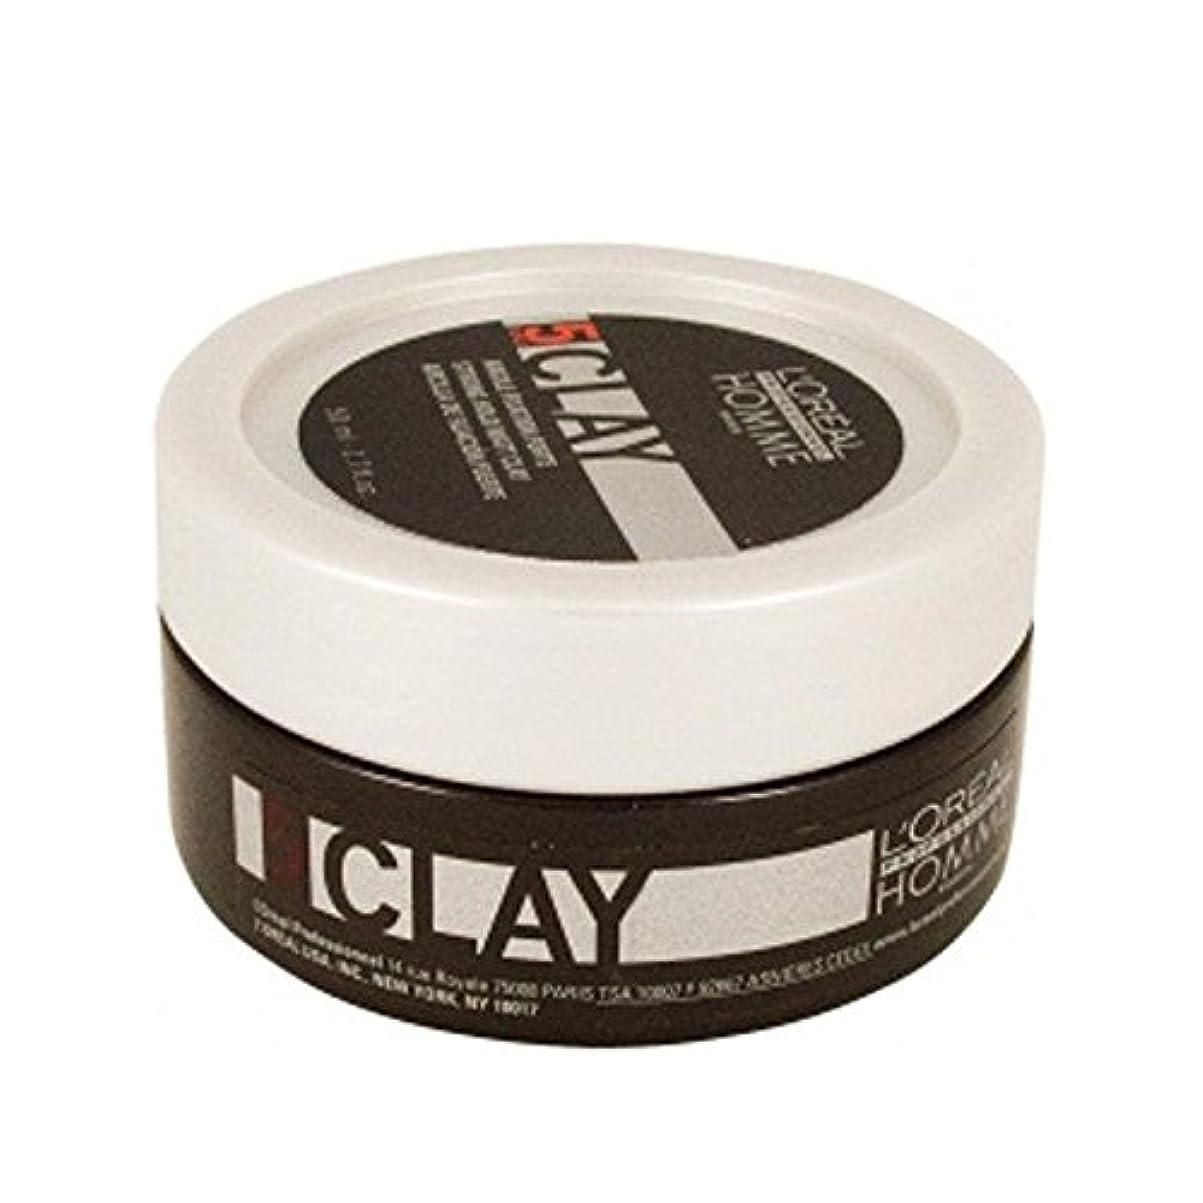 良心ネクタイスピーチロレアルプロフェッショナルのオム粘土 - 強力なホールド粘土(50ミリリットル) x4 - L'Or?al Professionnel Homme Clay ? Strong Hold Clay (50ml) (Pack of 4) [並行輸入品]